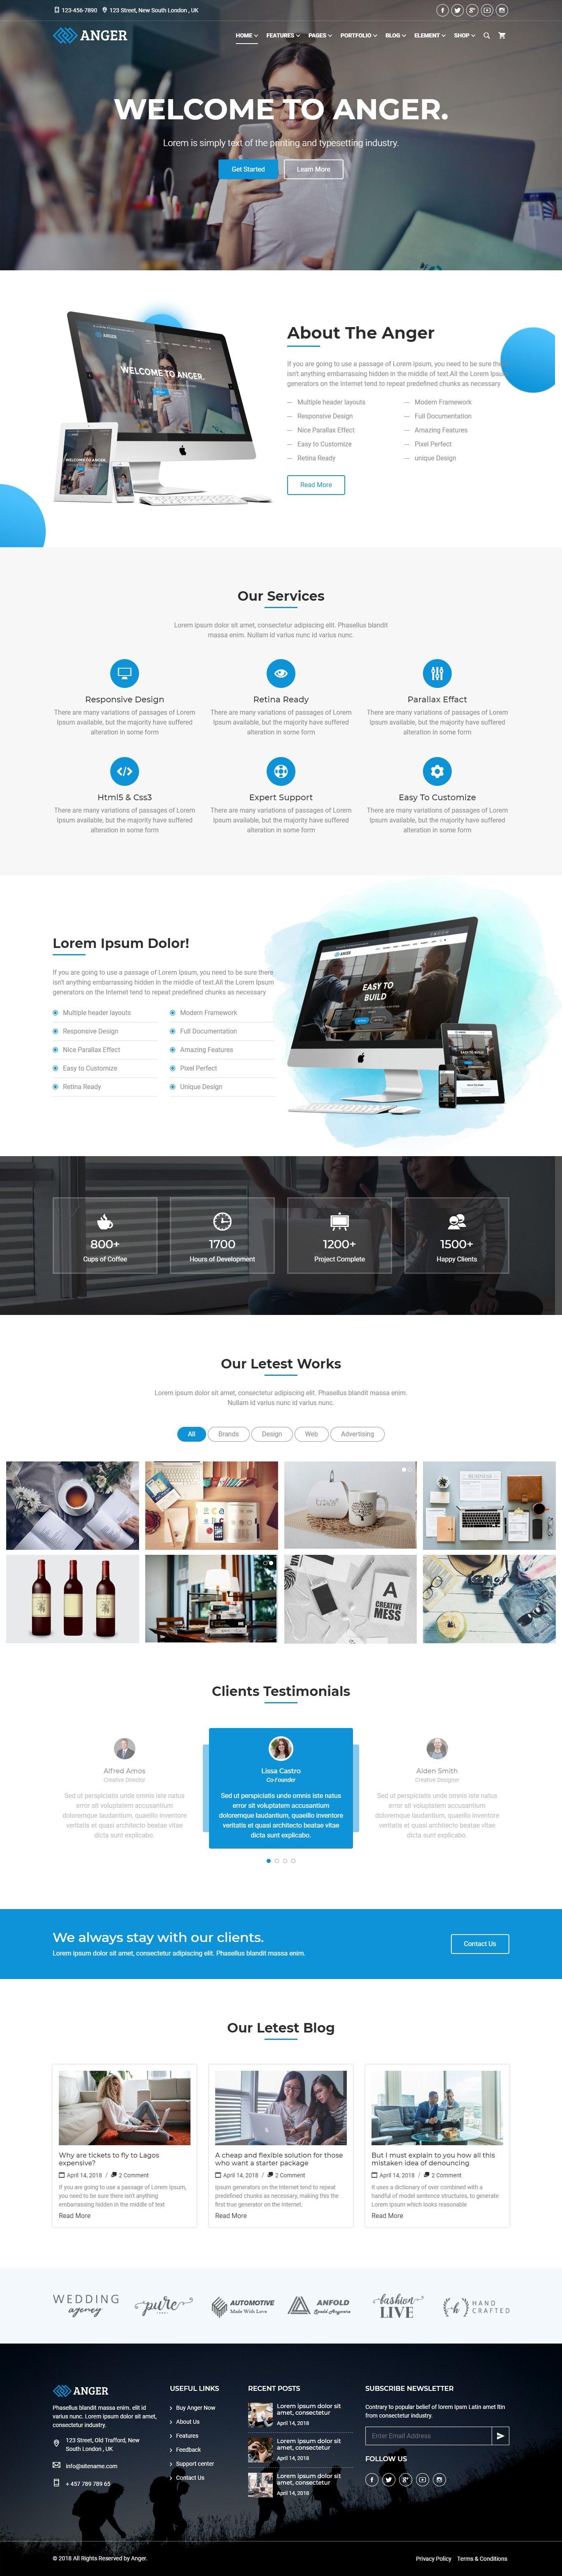 Anger Multipurpose Creative Agency Corporate And Portfolio Bootstrap 4 Multi Purpose Template Fun Website Design Web Design Agency Web Design Company